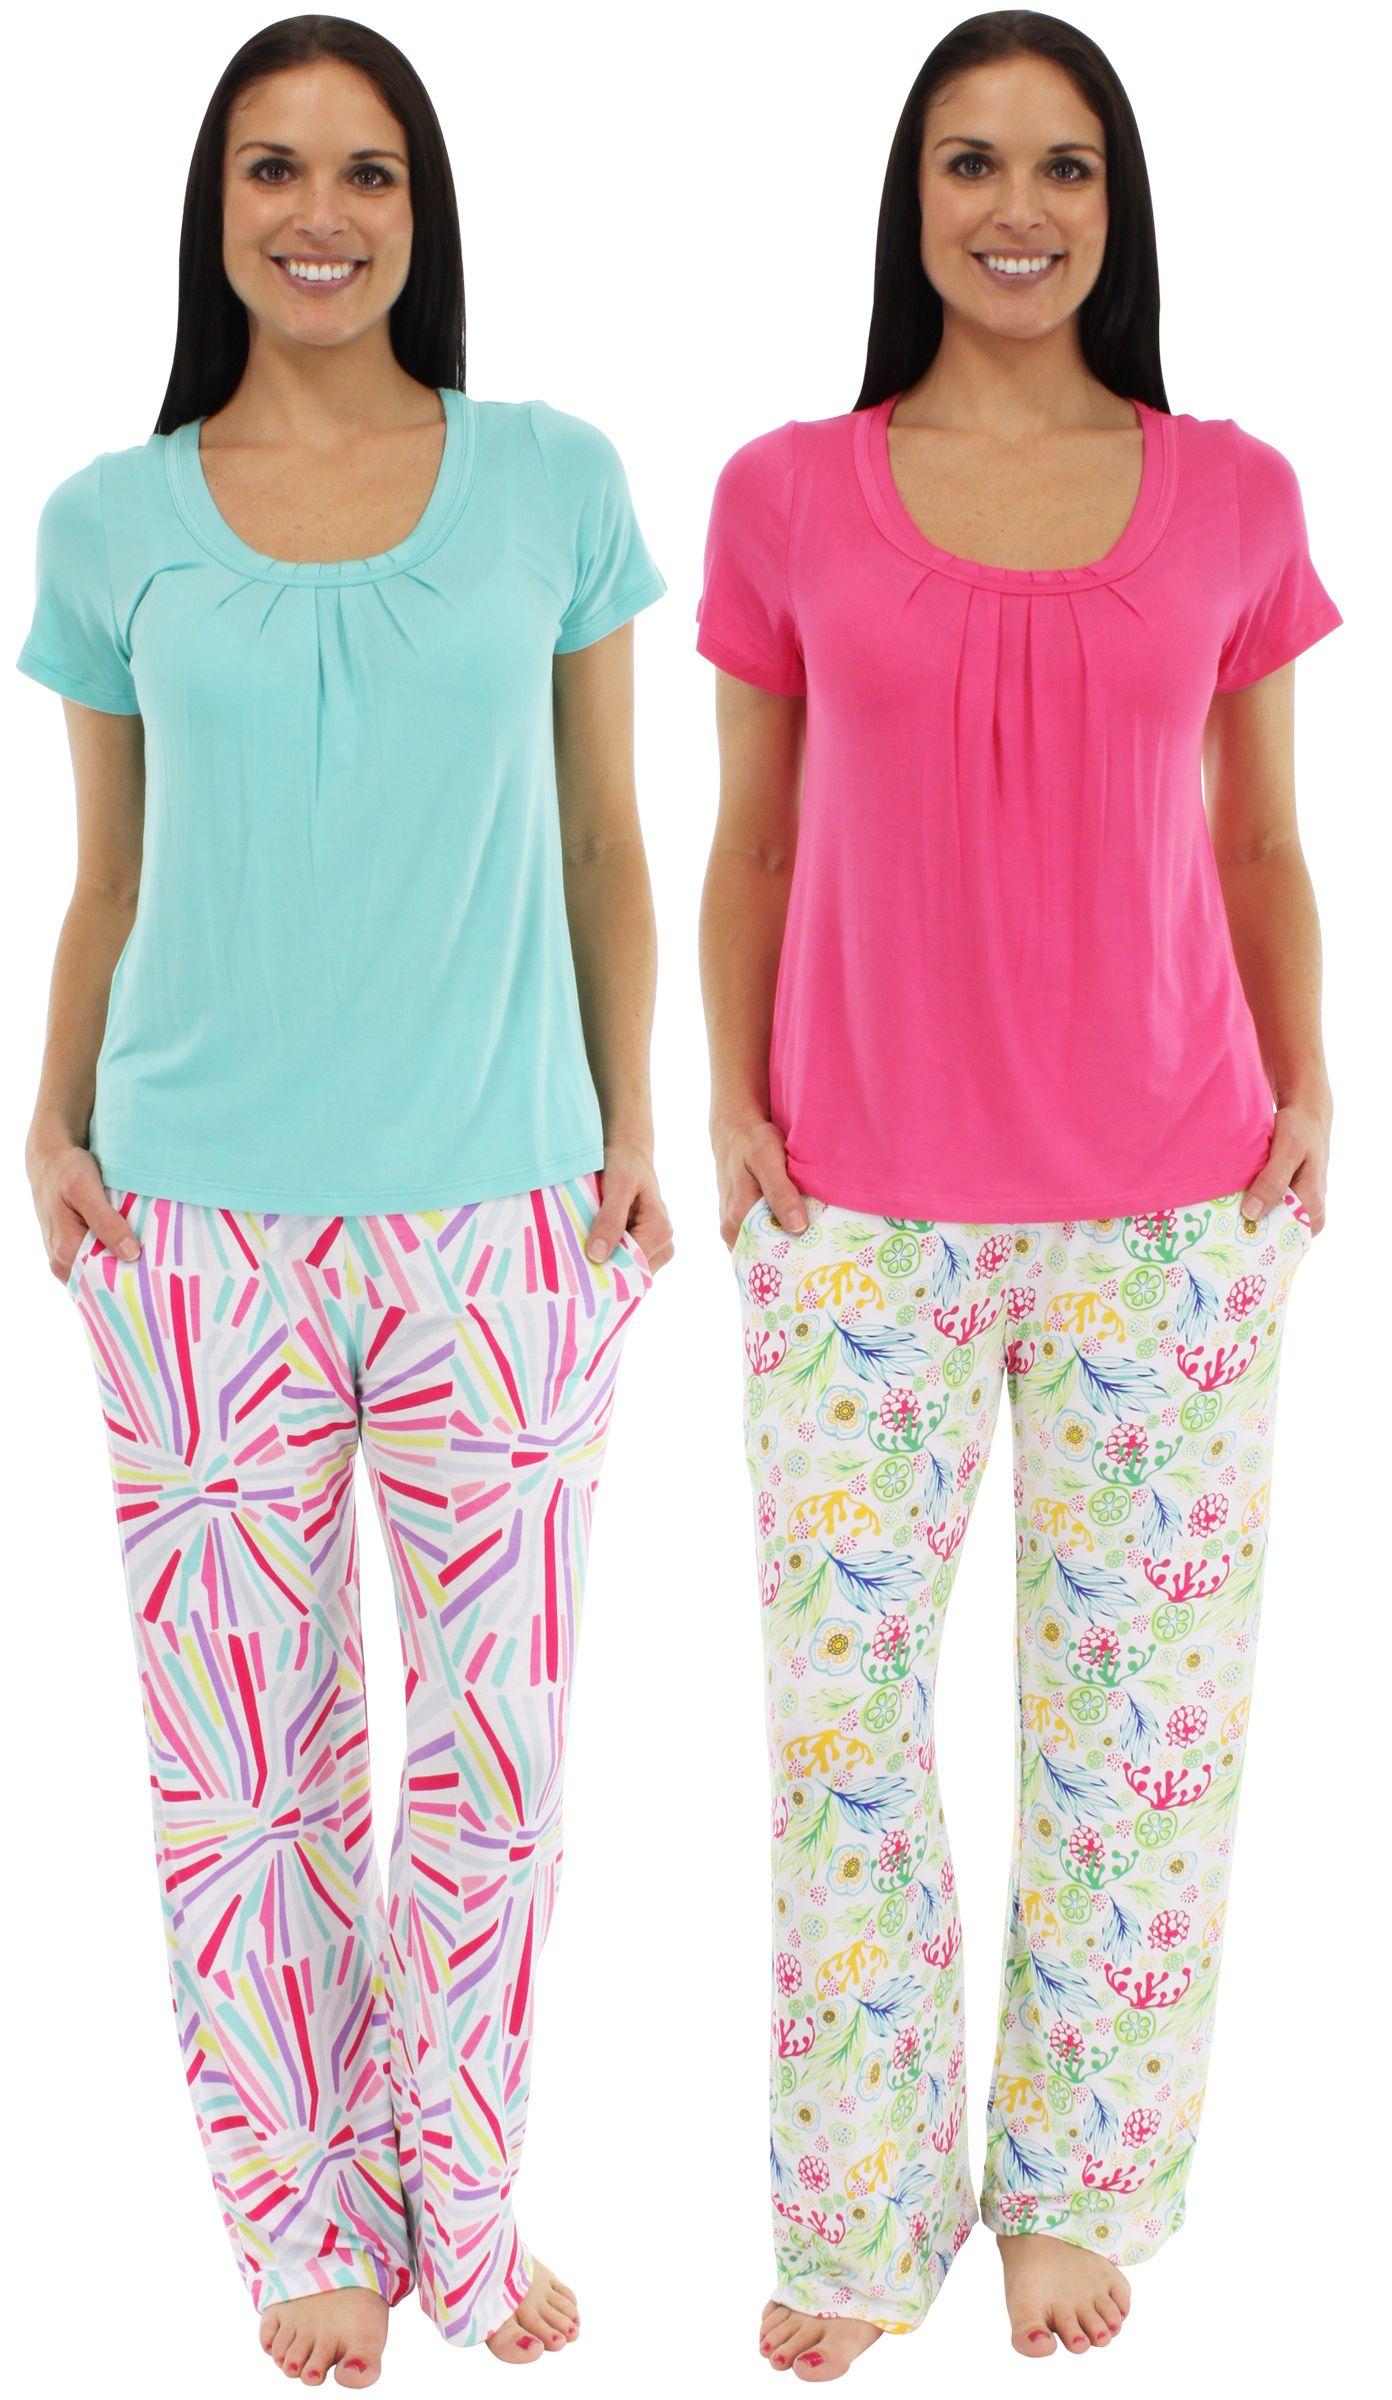 Pajama Heaven Shortsleeve Lounger Sleepwear women